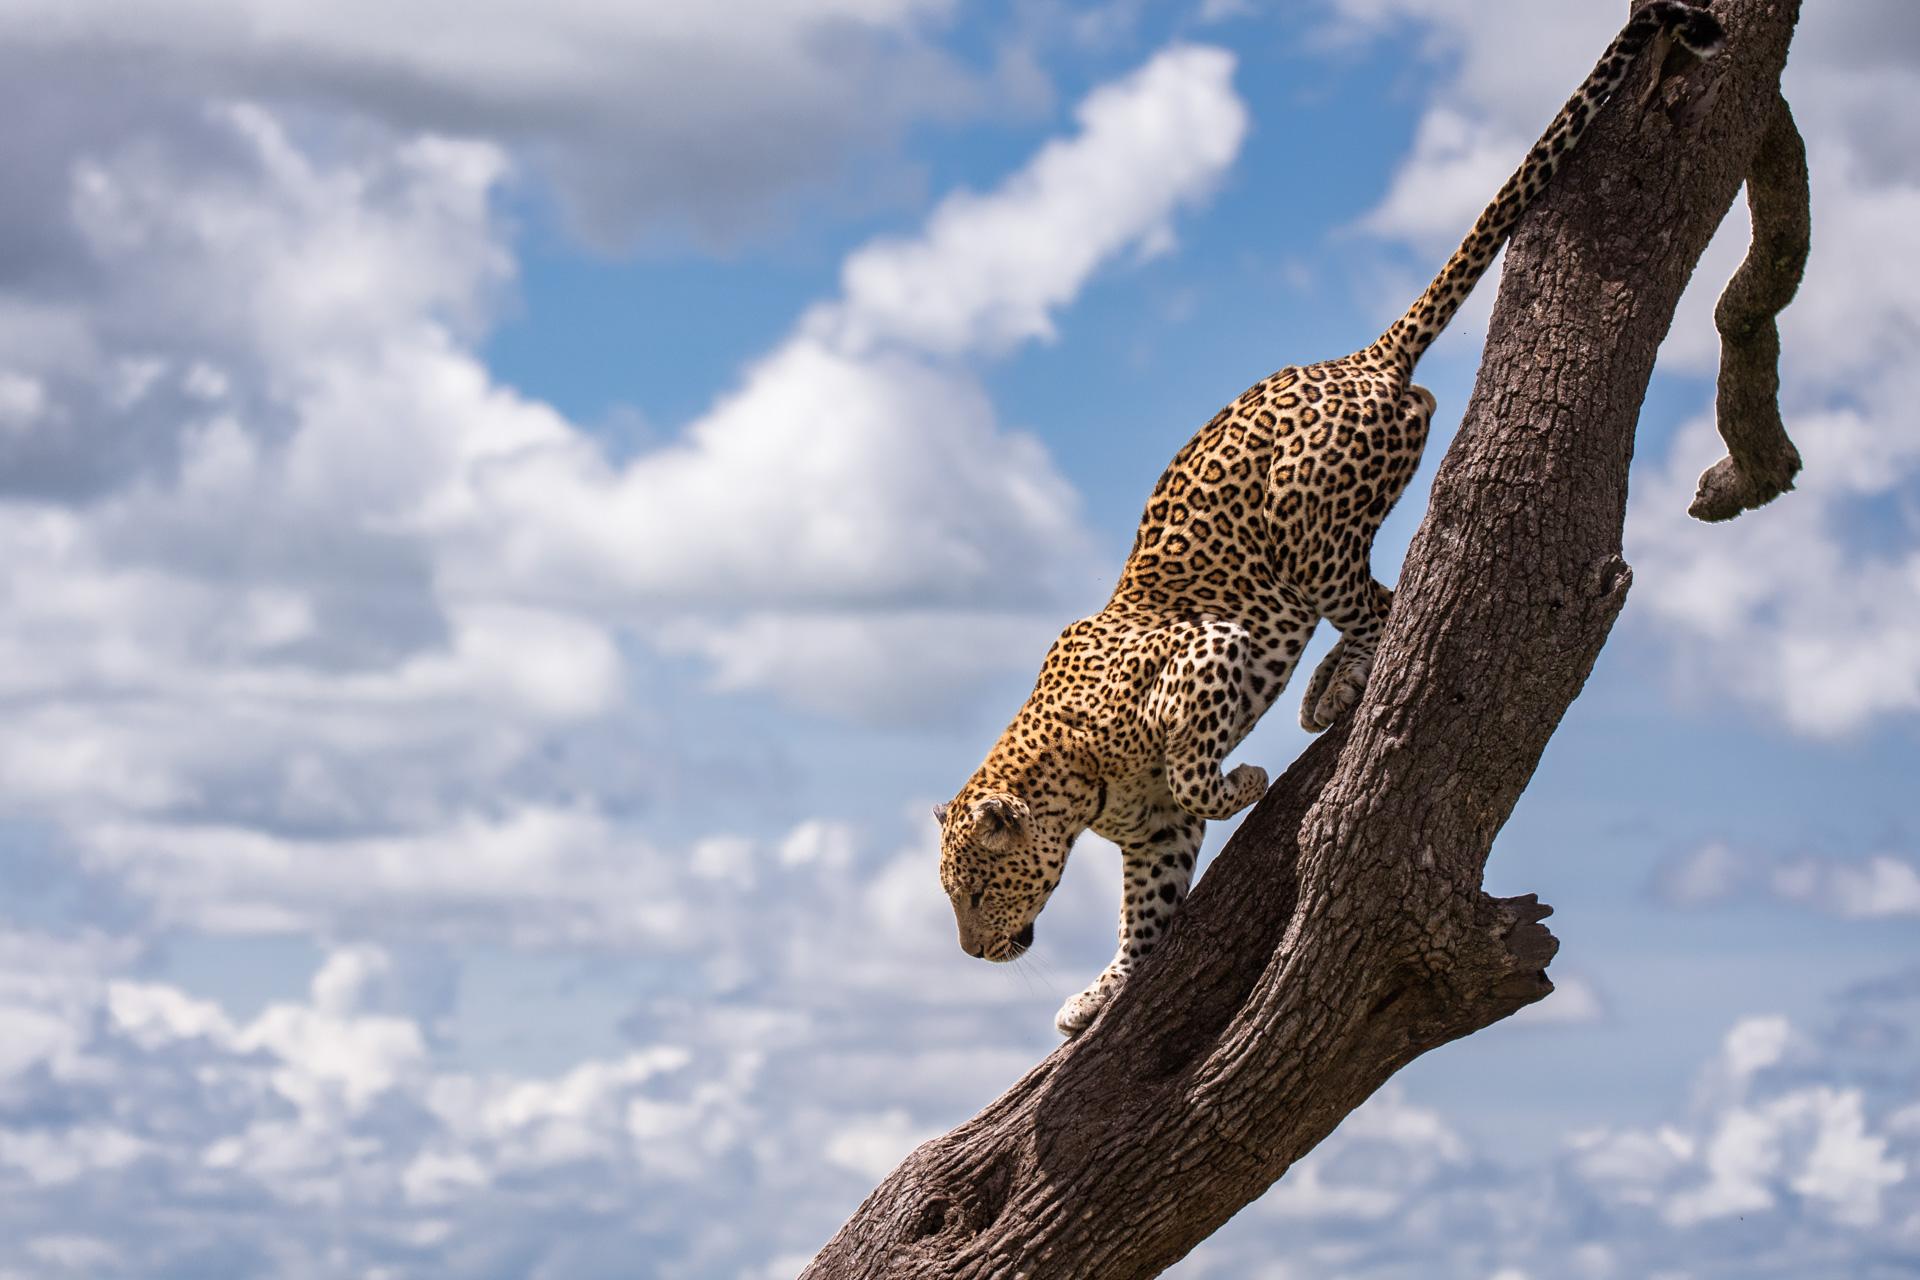 Leopard walking down the tree